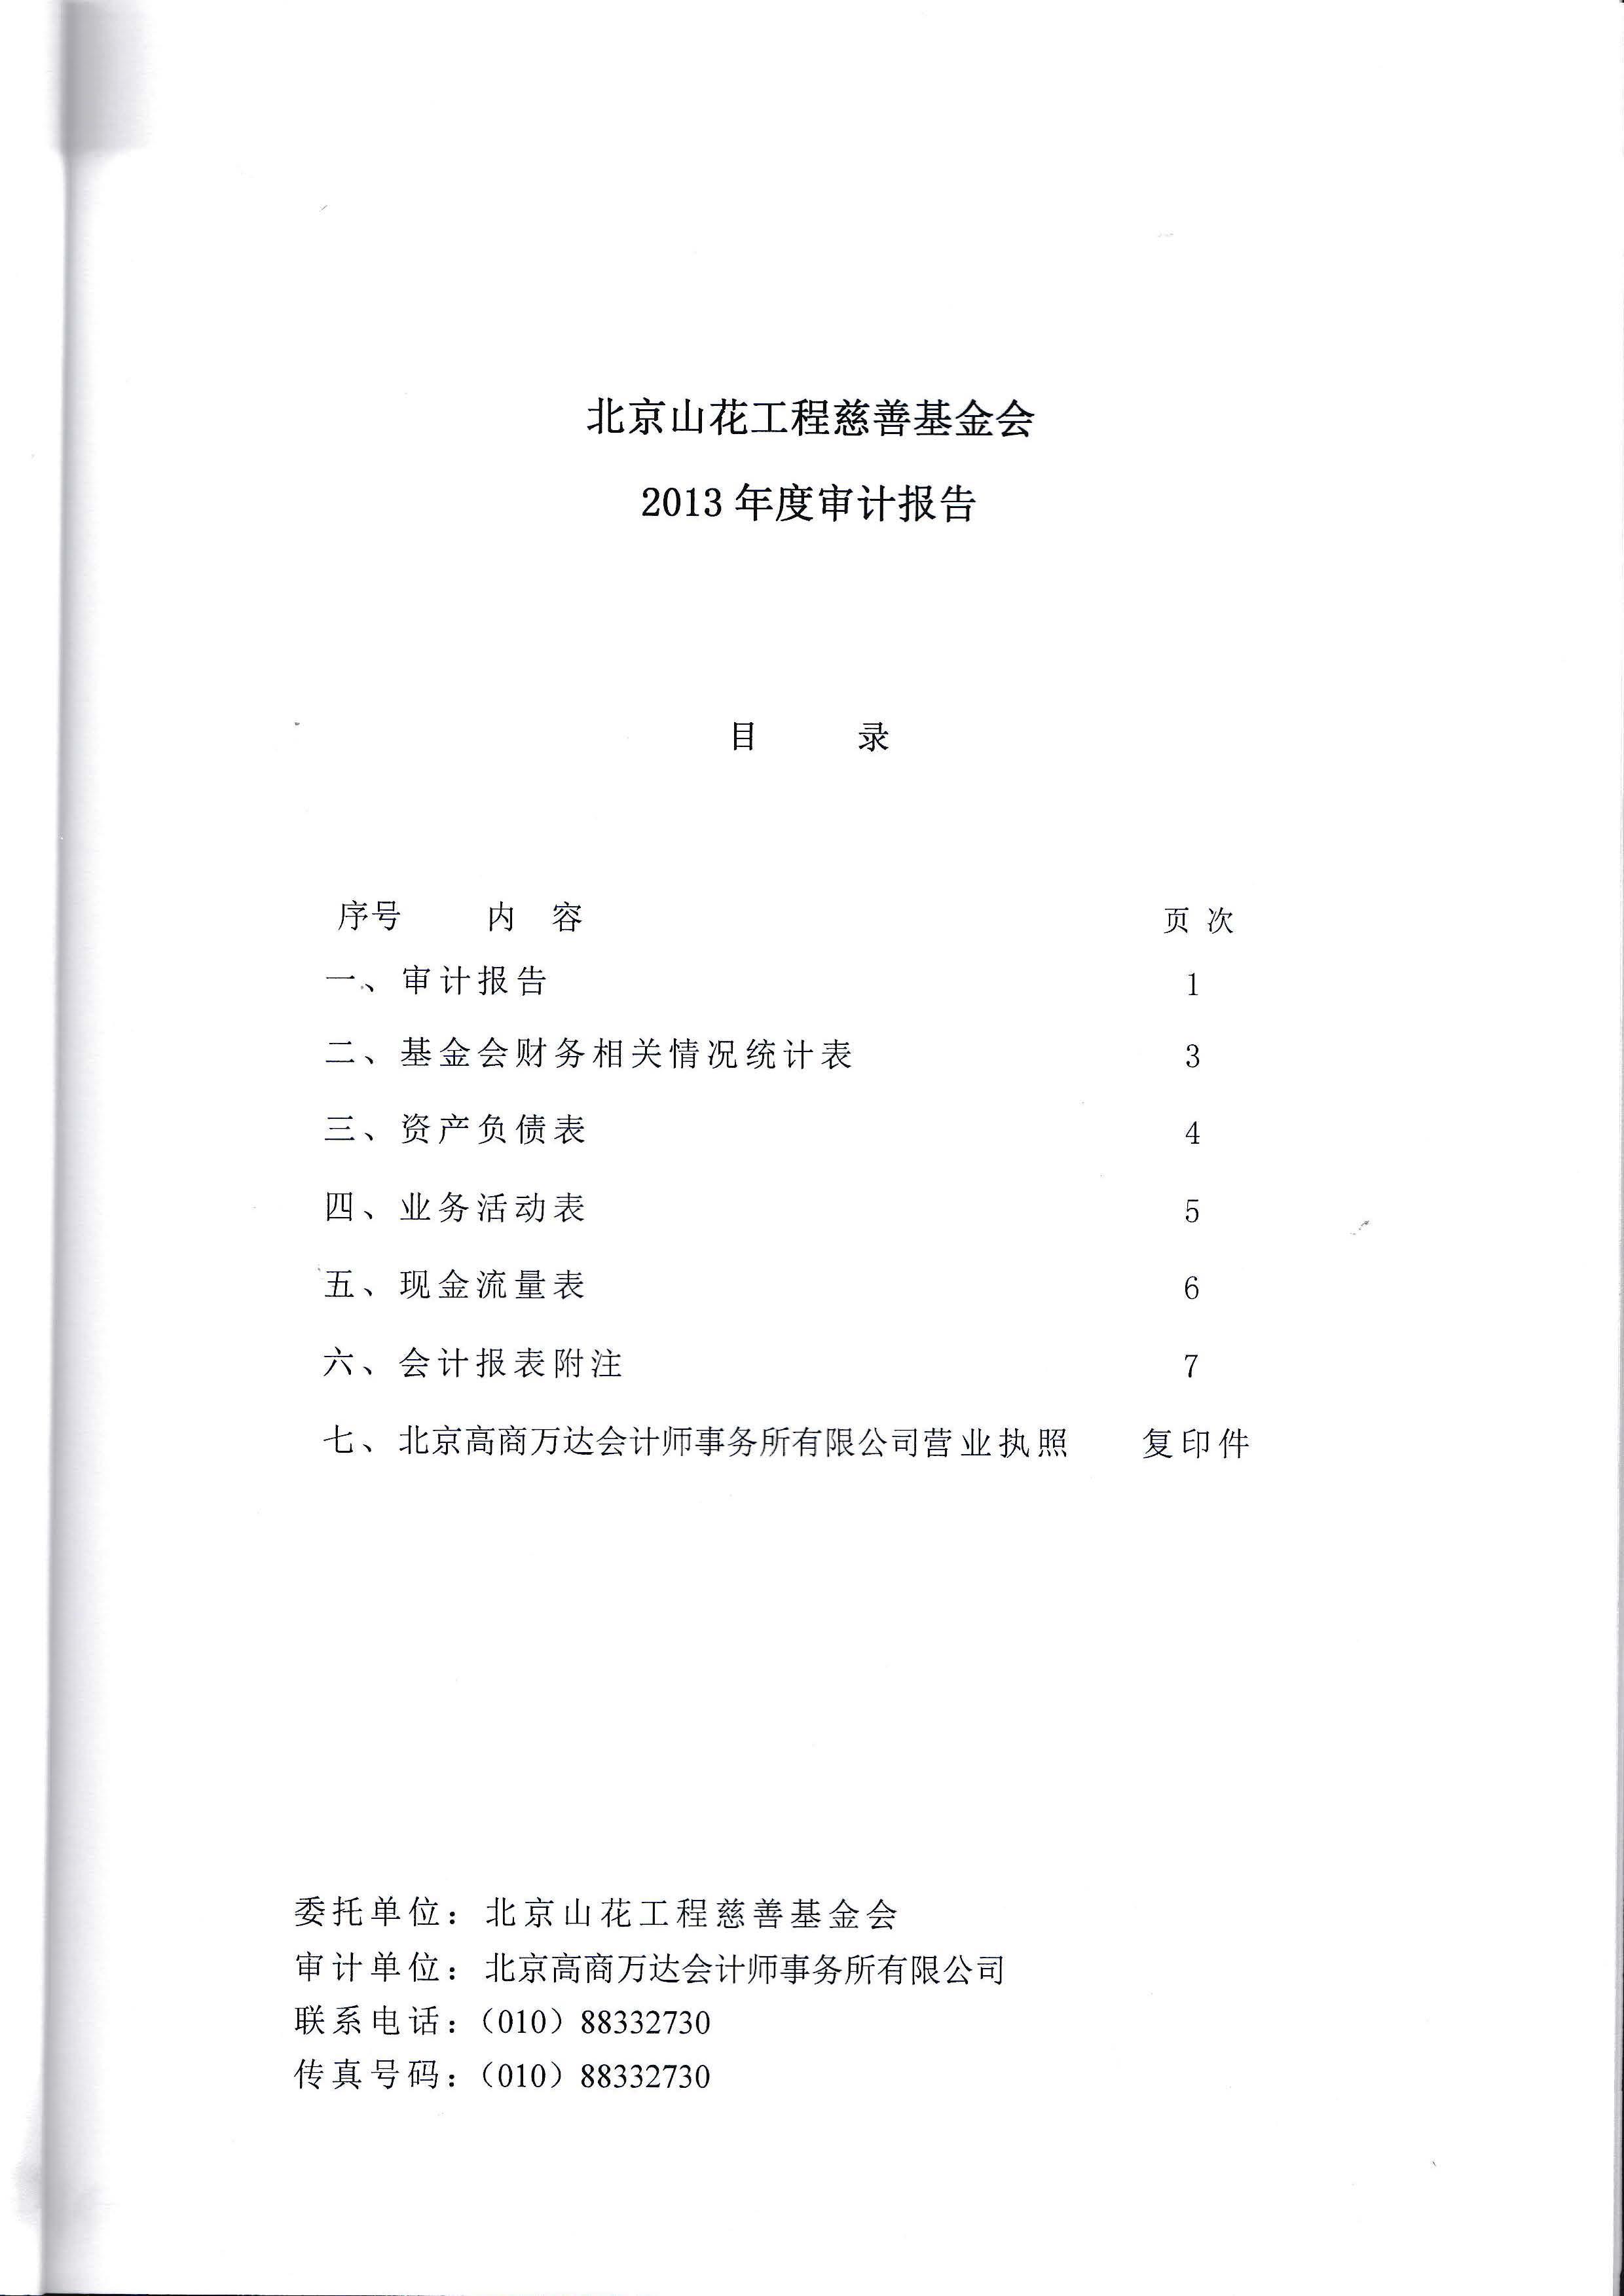 2013审计报告_页面_02